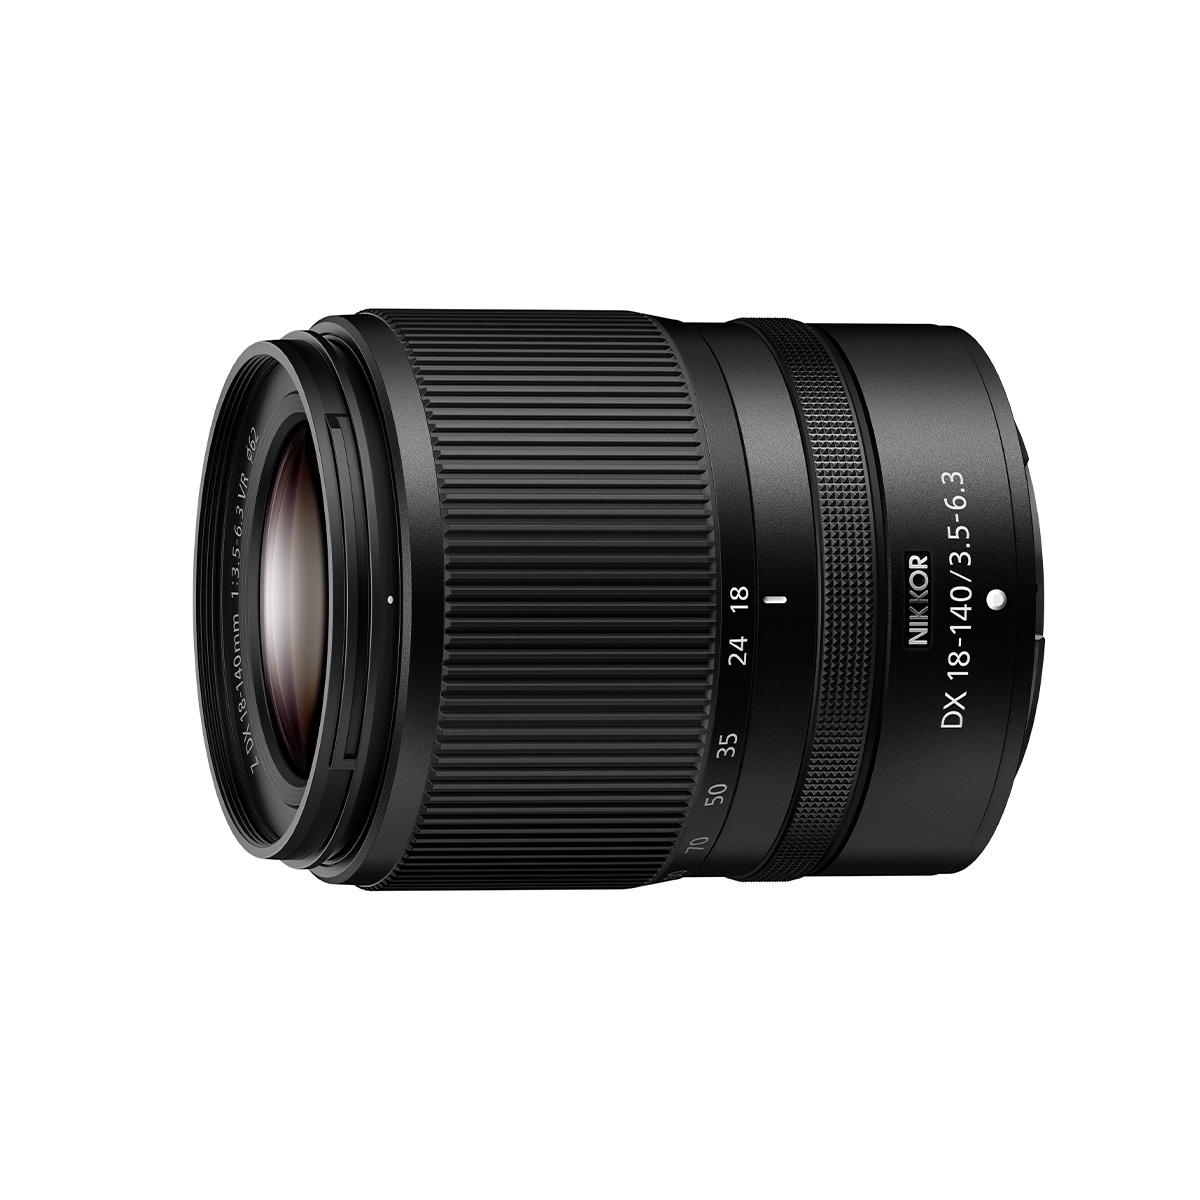 Nikon 18-140 mm 1:3,5-6,3 Z DX VR